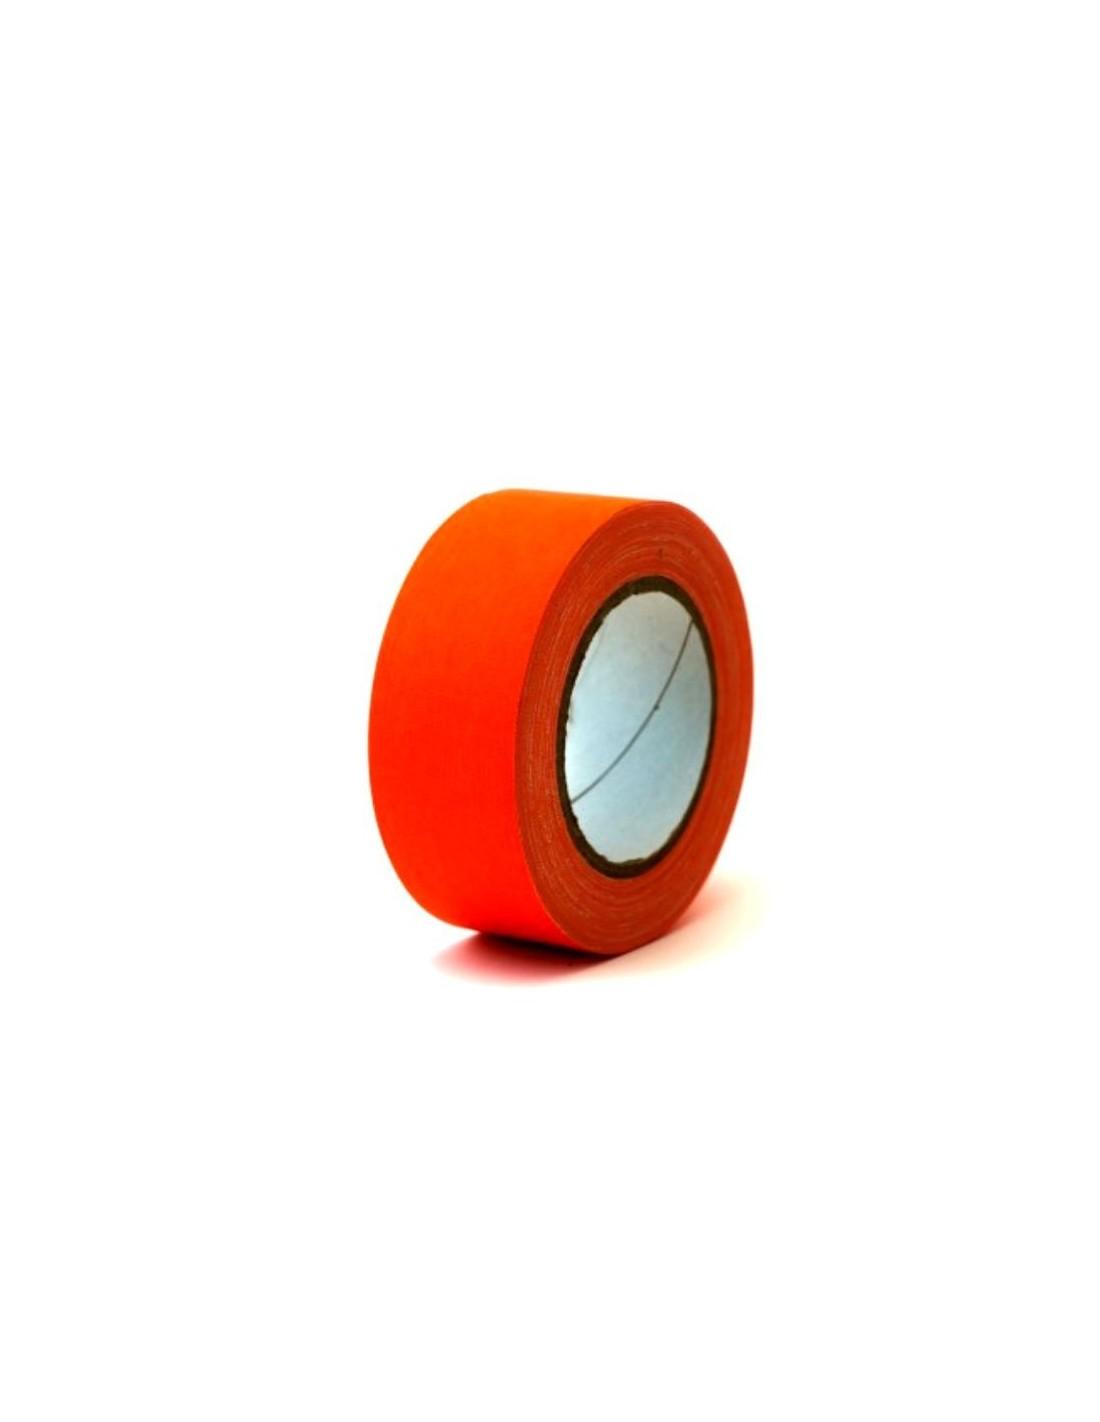 rouleau de scotch isolant orange fluorescent 50mm x 25 m tres. Black Bedroom Furniture Sets. Home Design Ideas